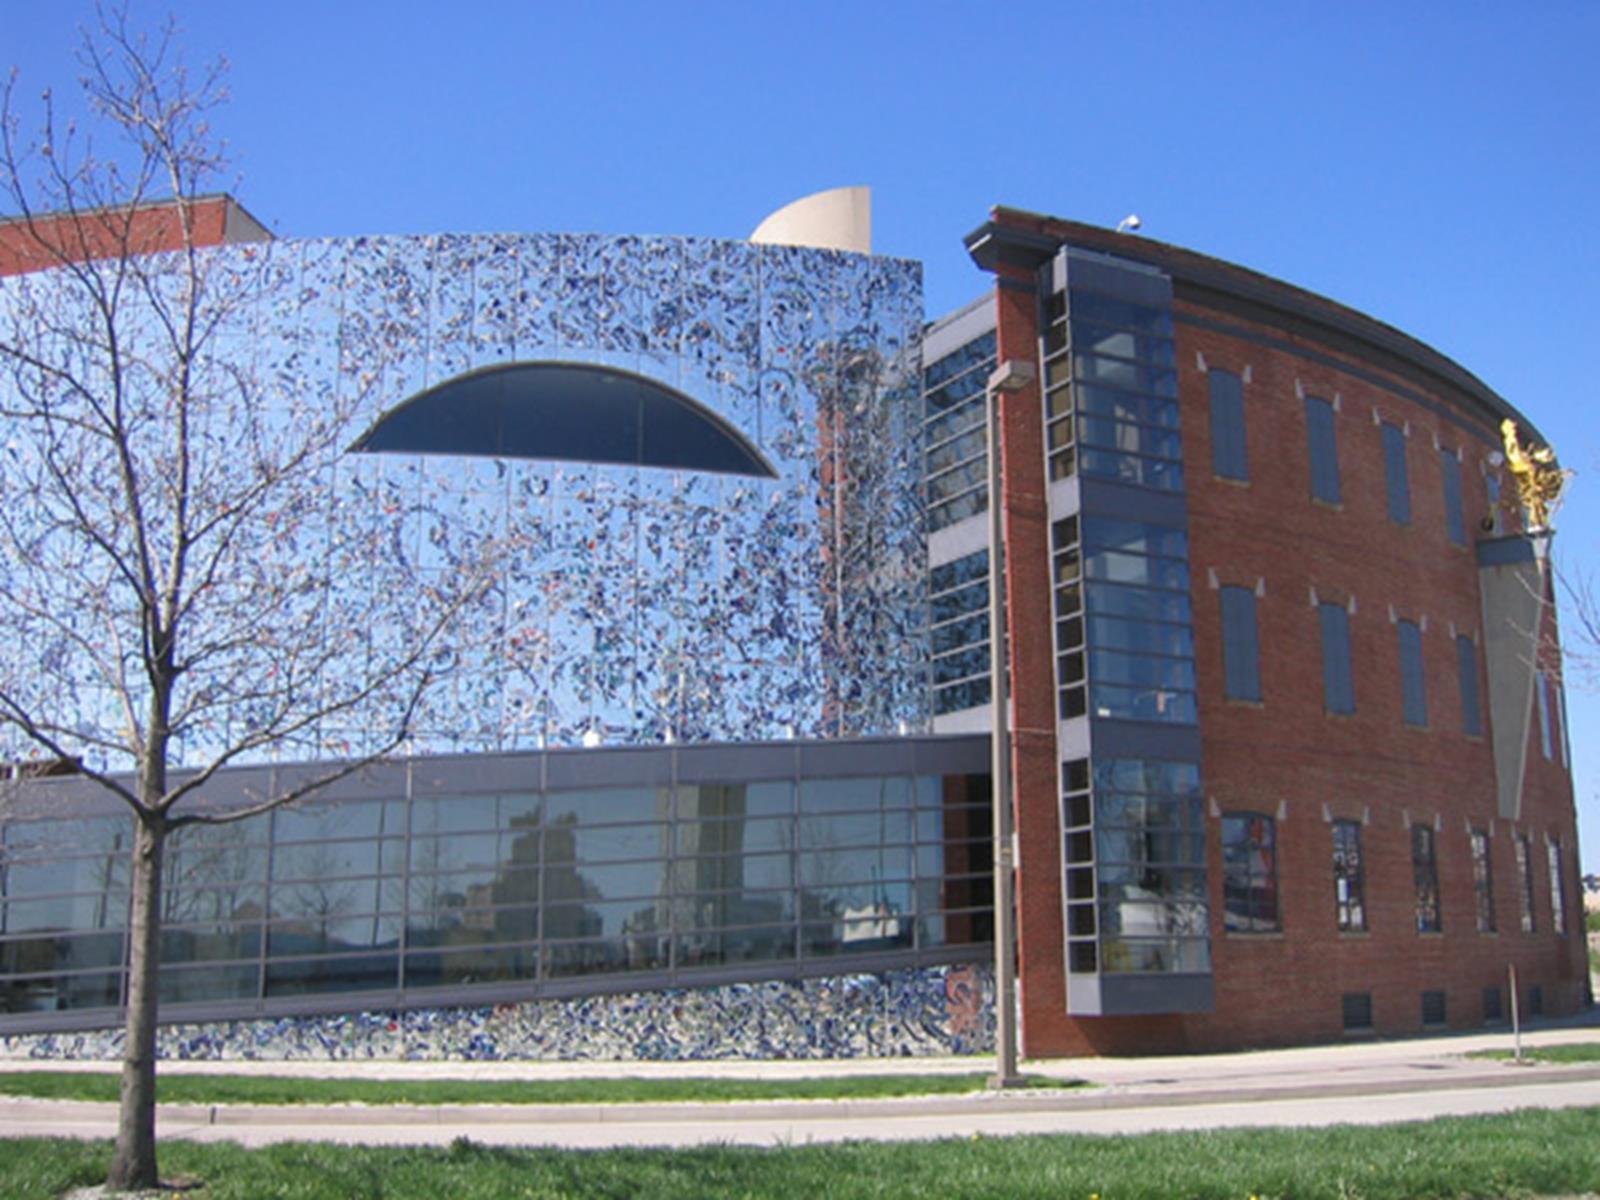 American Visionary Art Museum